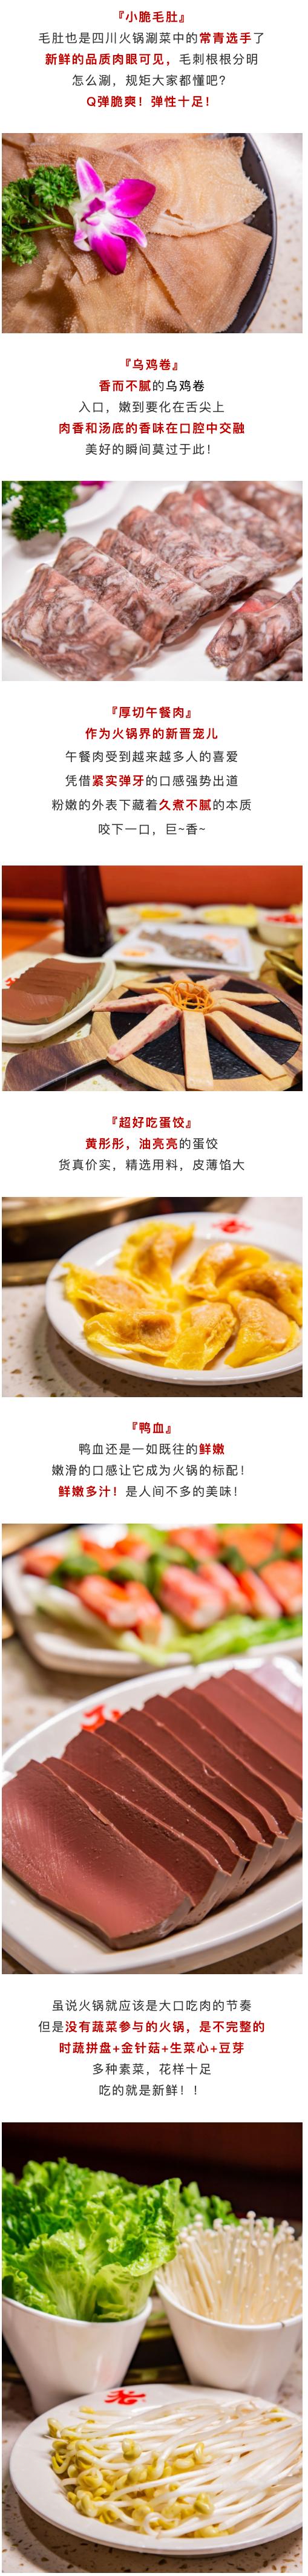 无需预约!四川香天下火锅3-4人餐 杭州3店通用